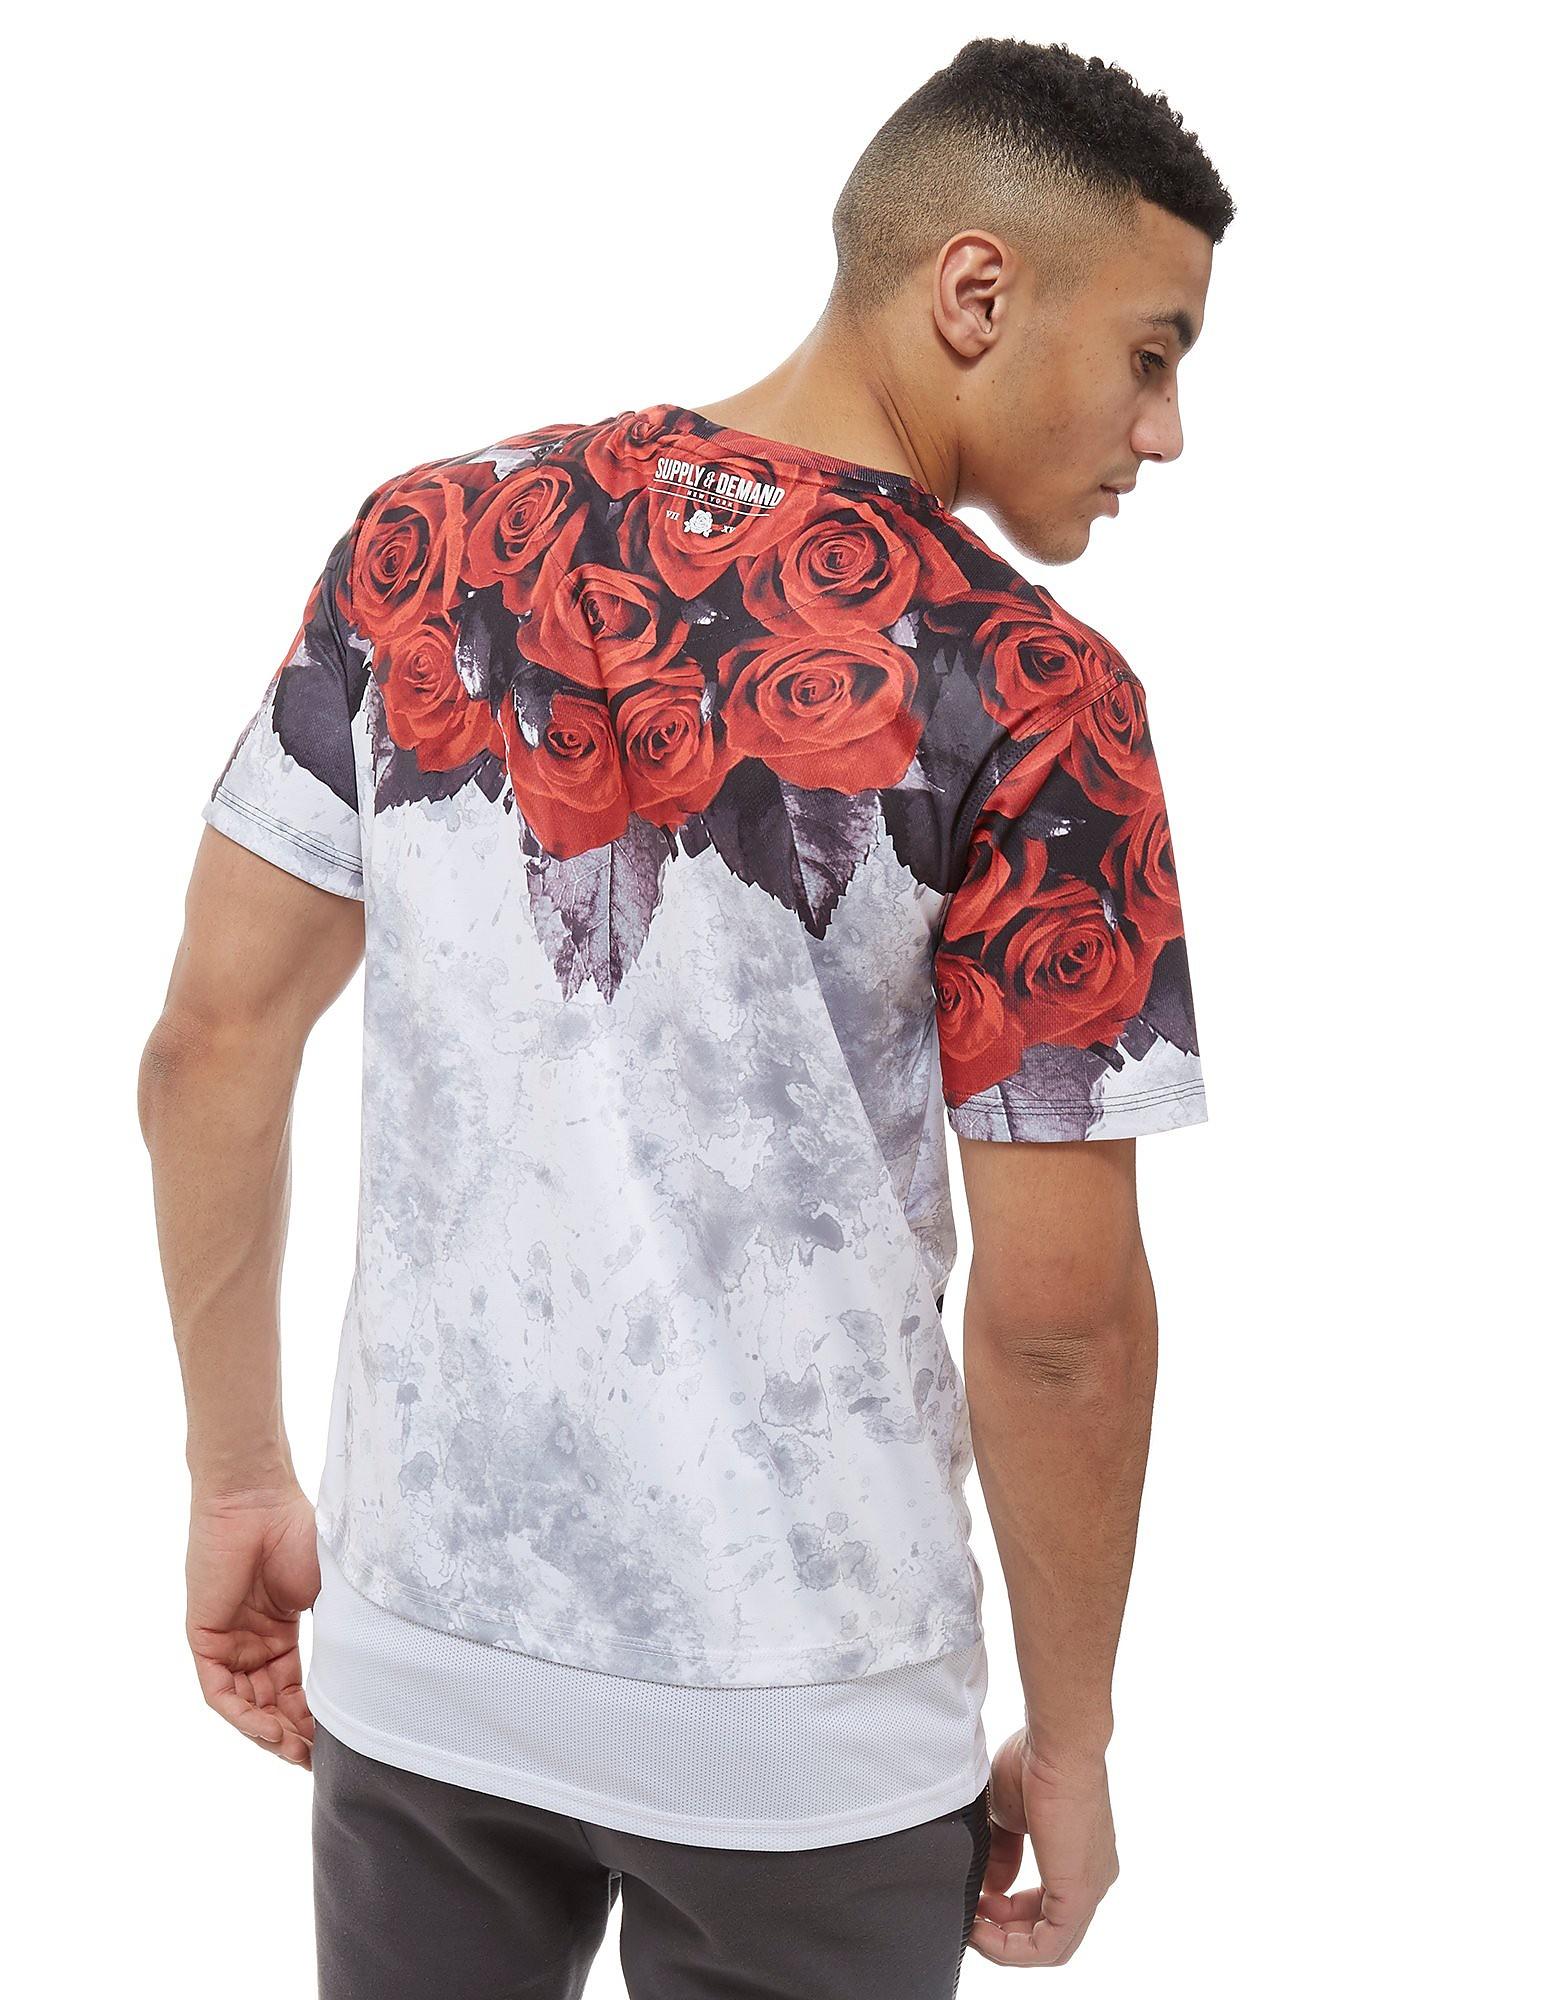 Supply & Demand Purpose T-Shirt